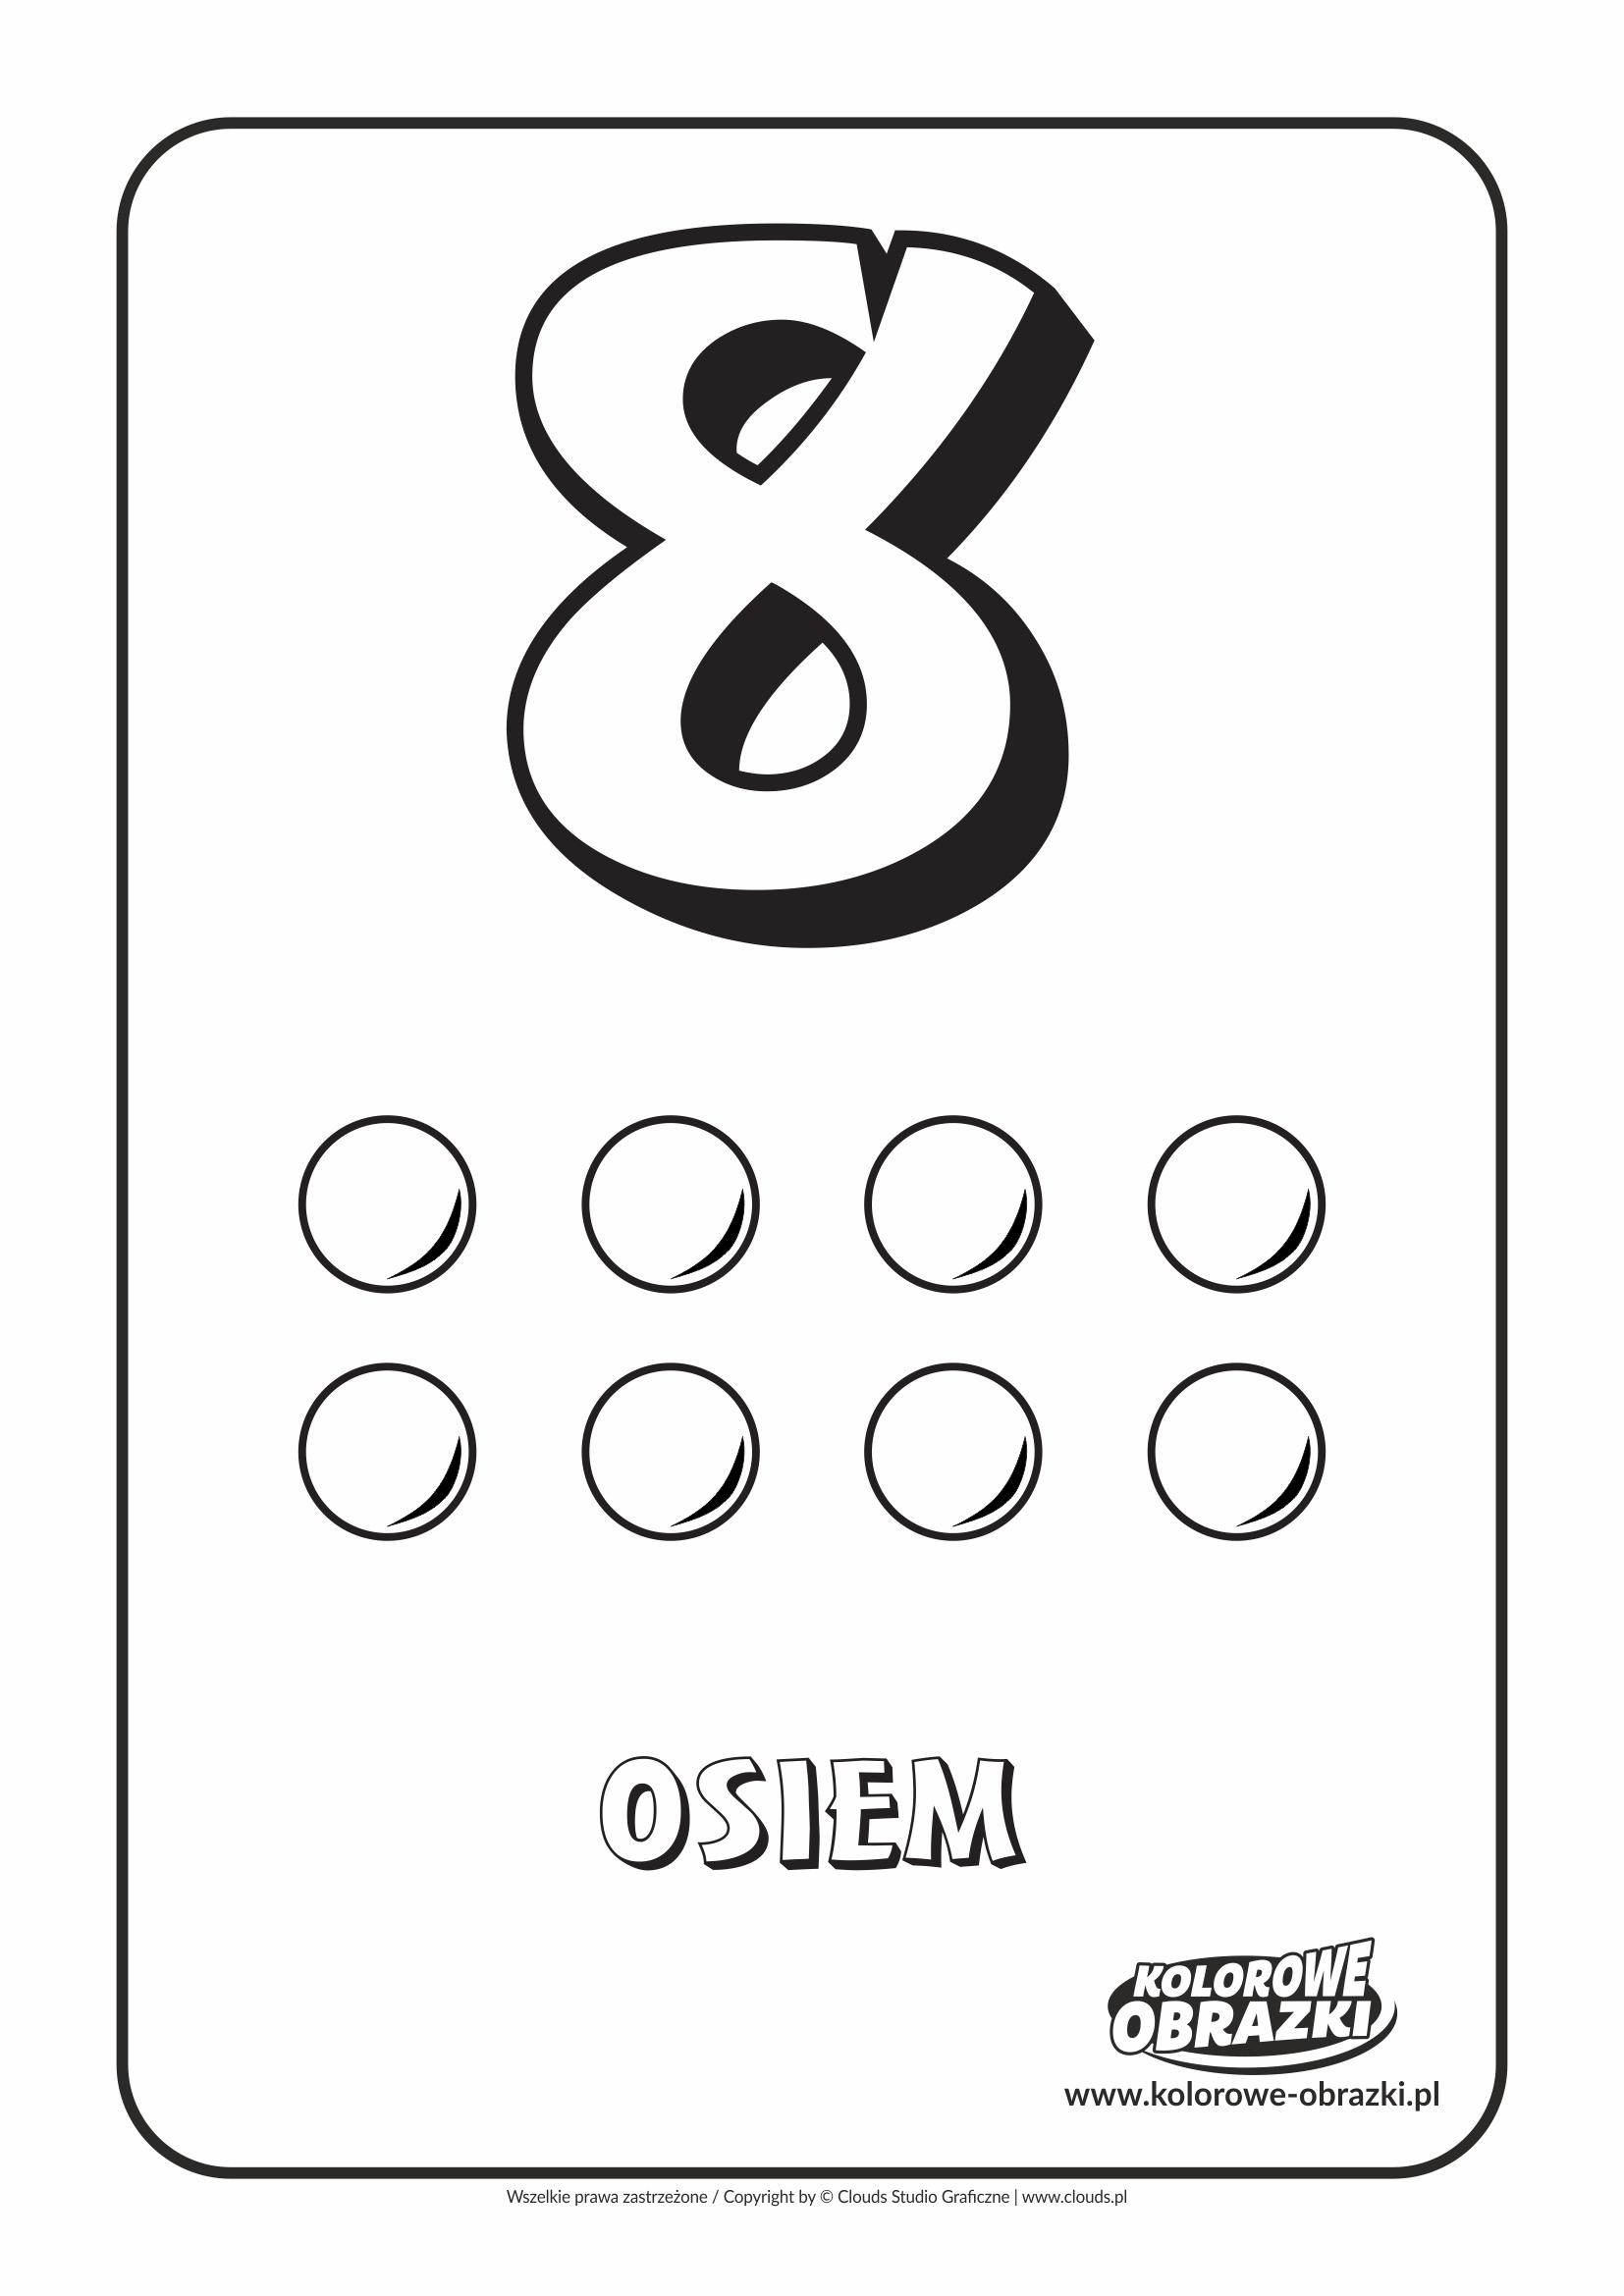 Kolorowanki dla dzieci - Cyfry / Cyfra 8. Kolorowanka z cyfrą 8